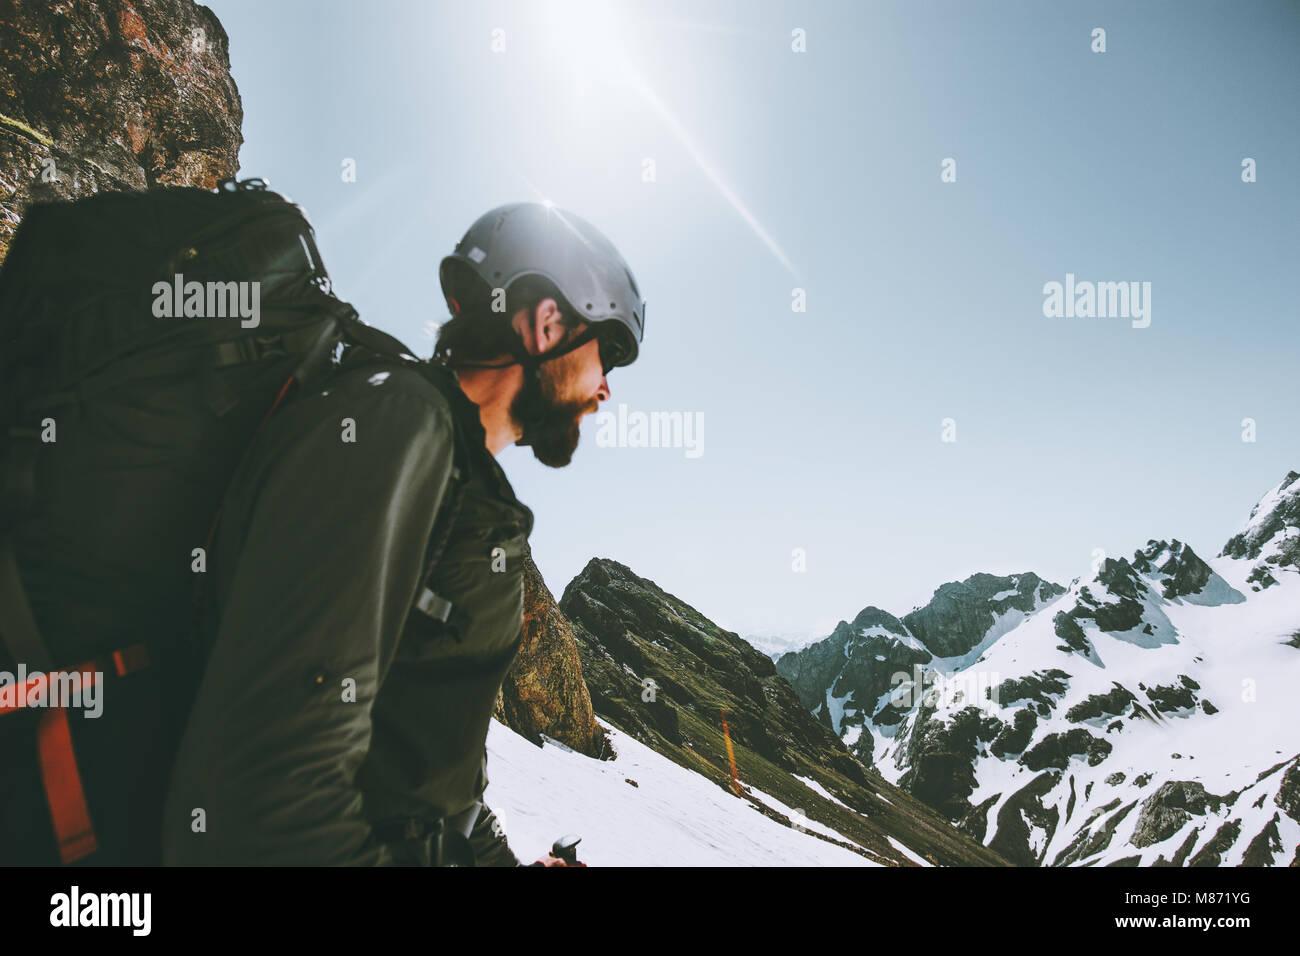 Hombre aventurero escalada en montaña top viajes de aventura al aire libre Concepto de estilo de vida activo vacaciones Foto de stock